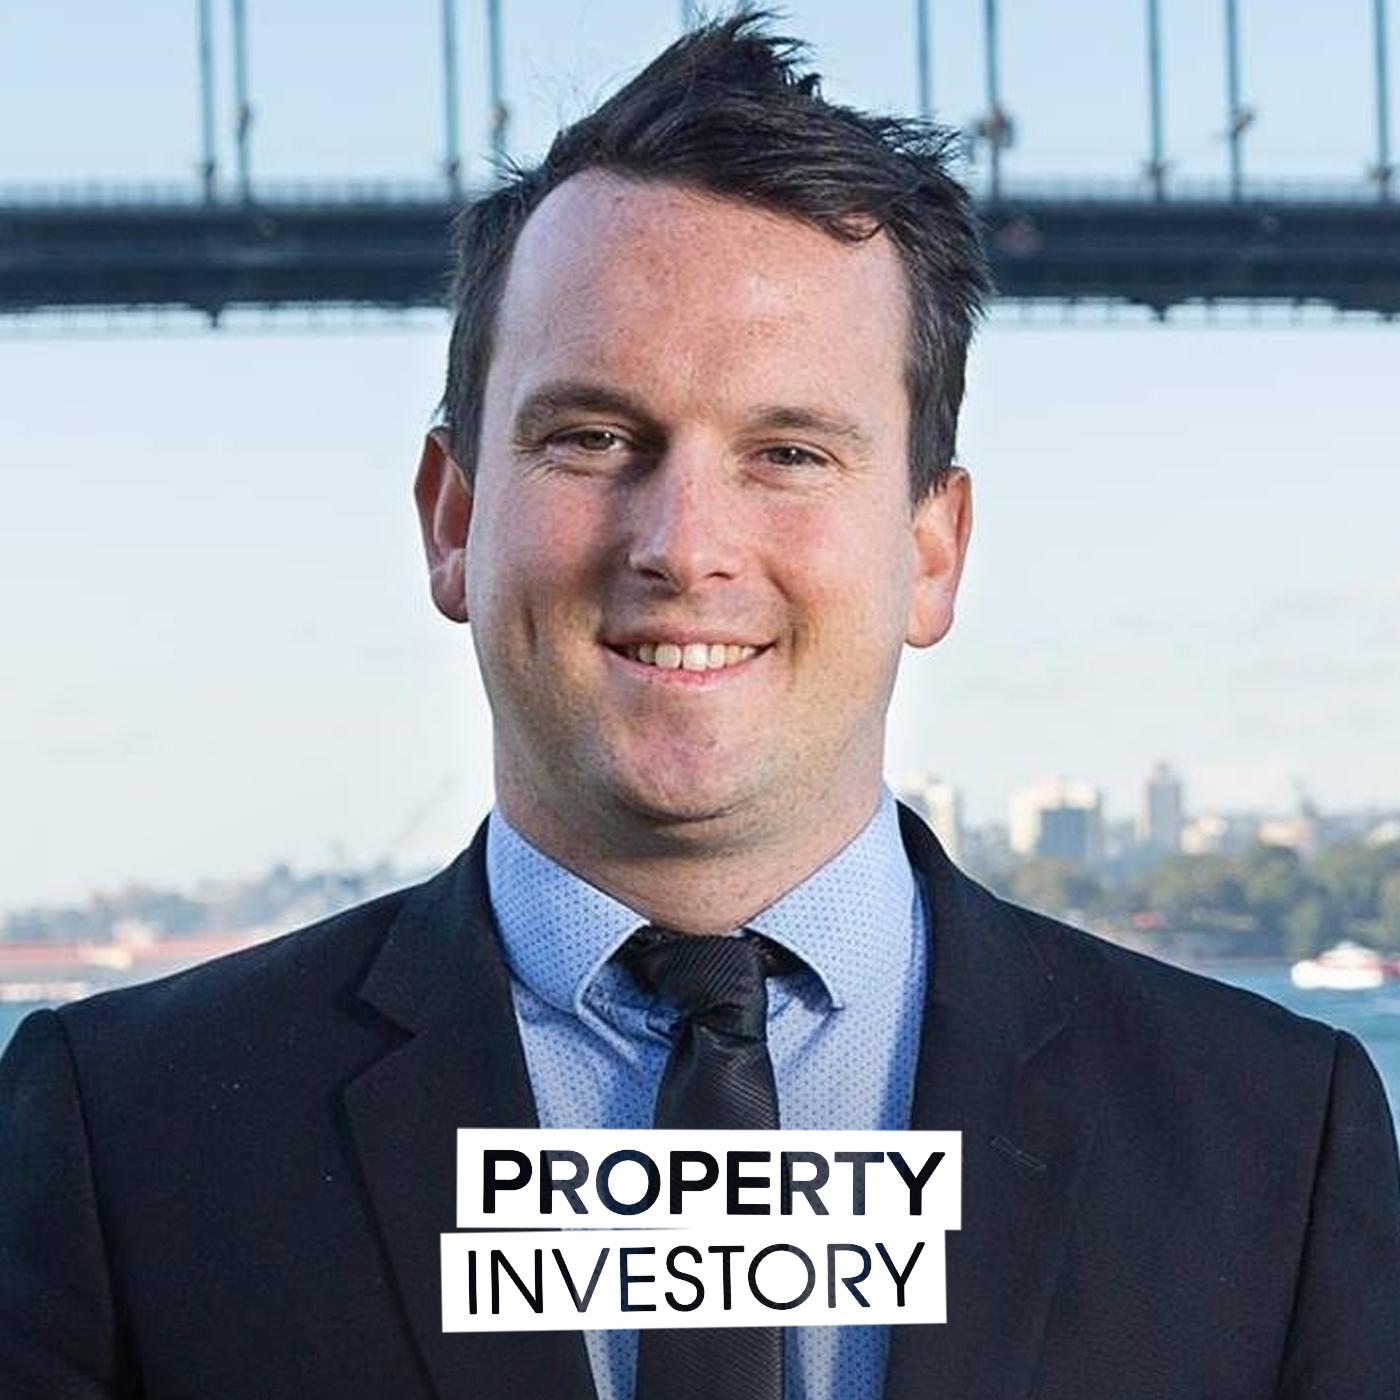 A 10 Million Dollar Trust Portfolio with Sam O'Connor